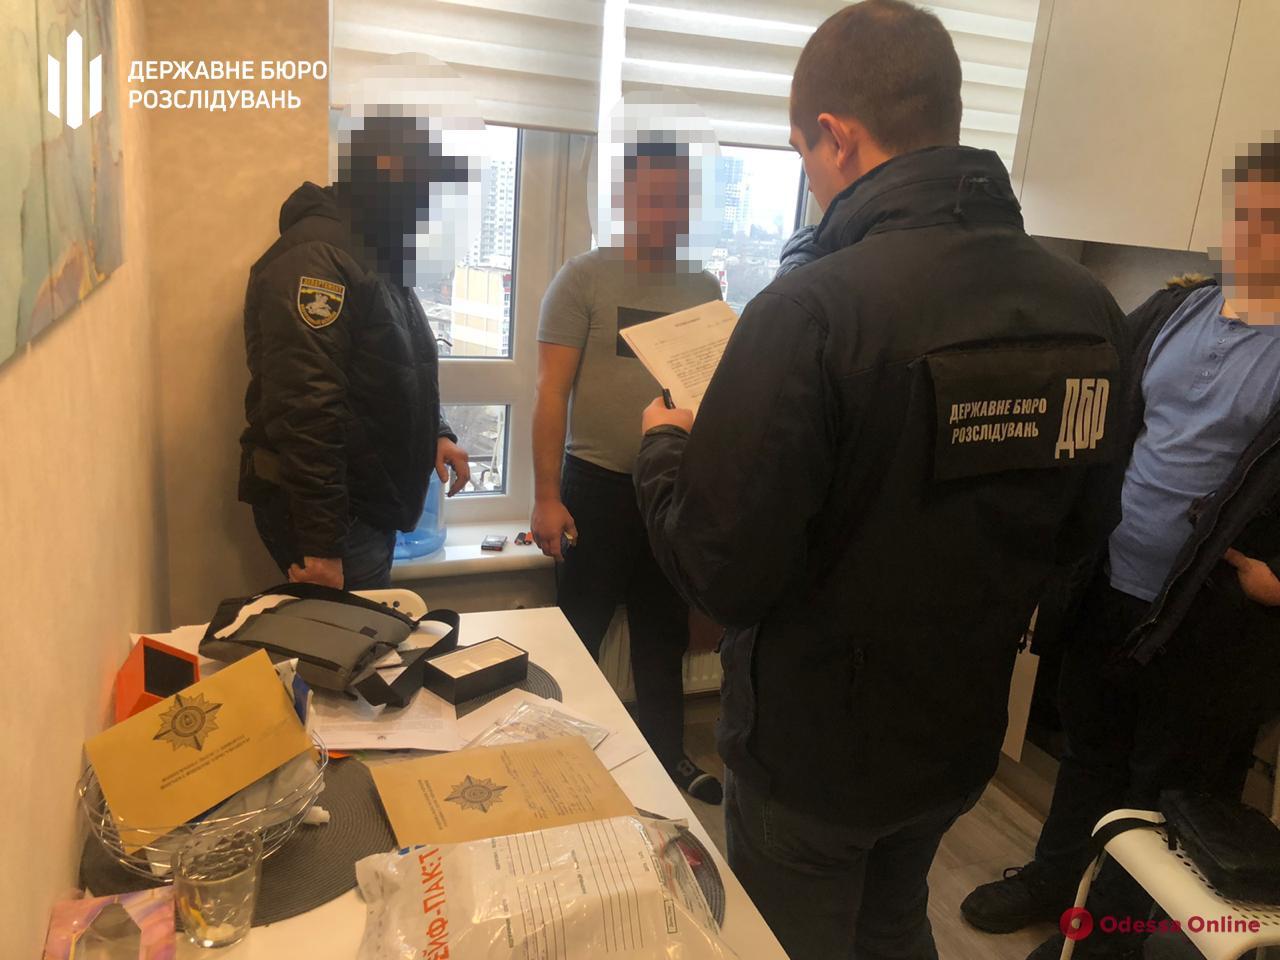 Помогали мошеннику из Польши: двое одесских полицейских имитировали задержание (обновлено)